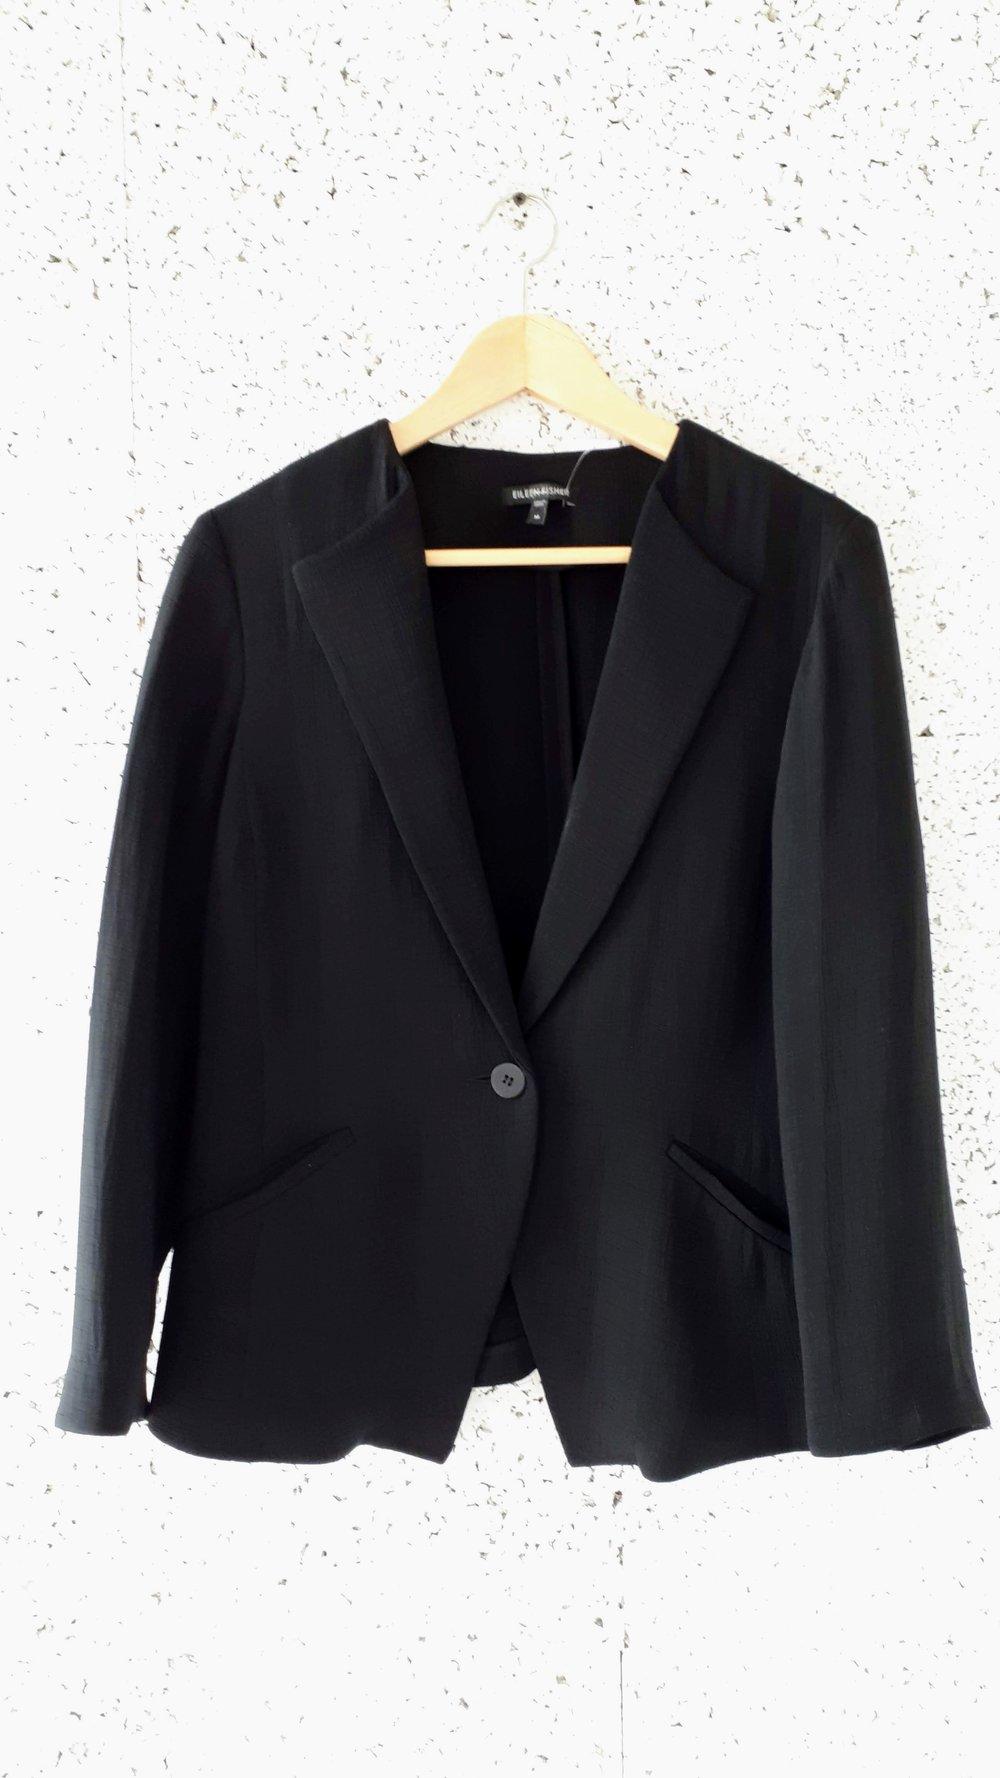 Eileen Fisher blazer; Size M, $125